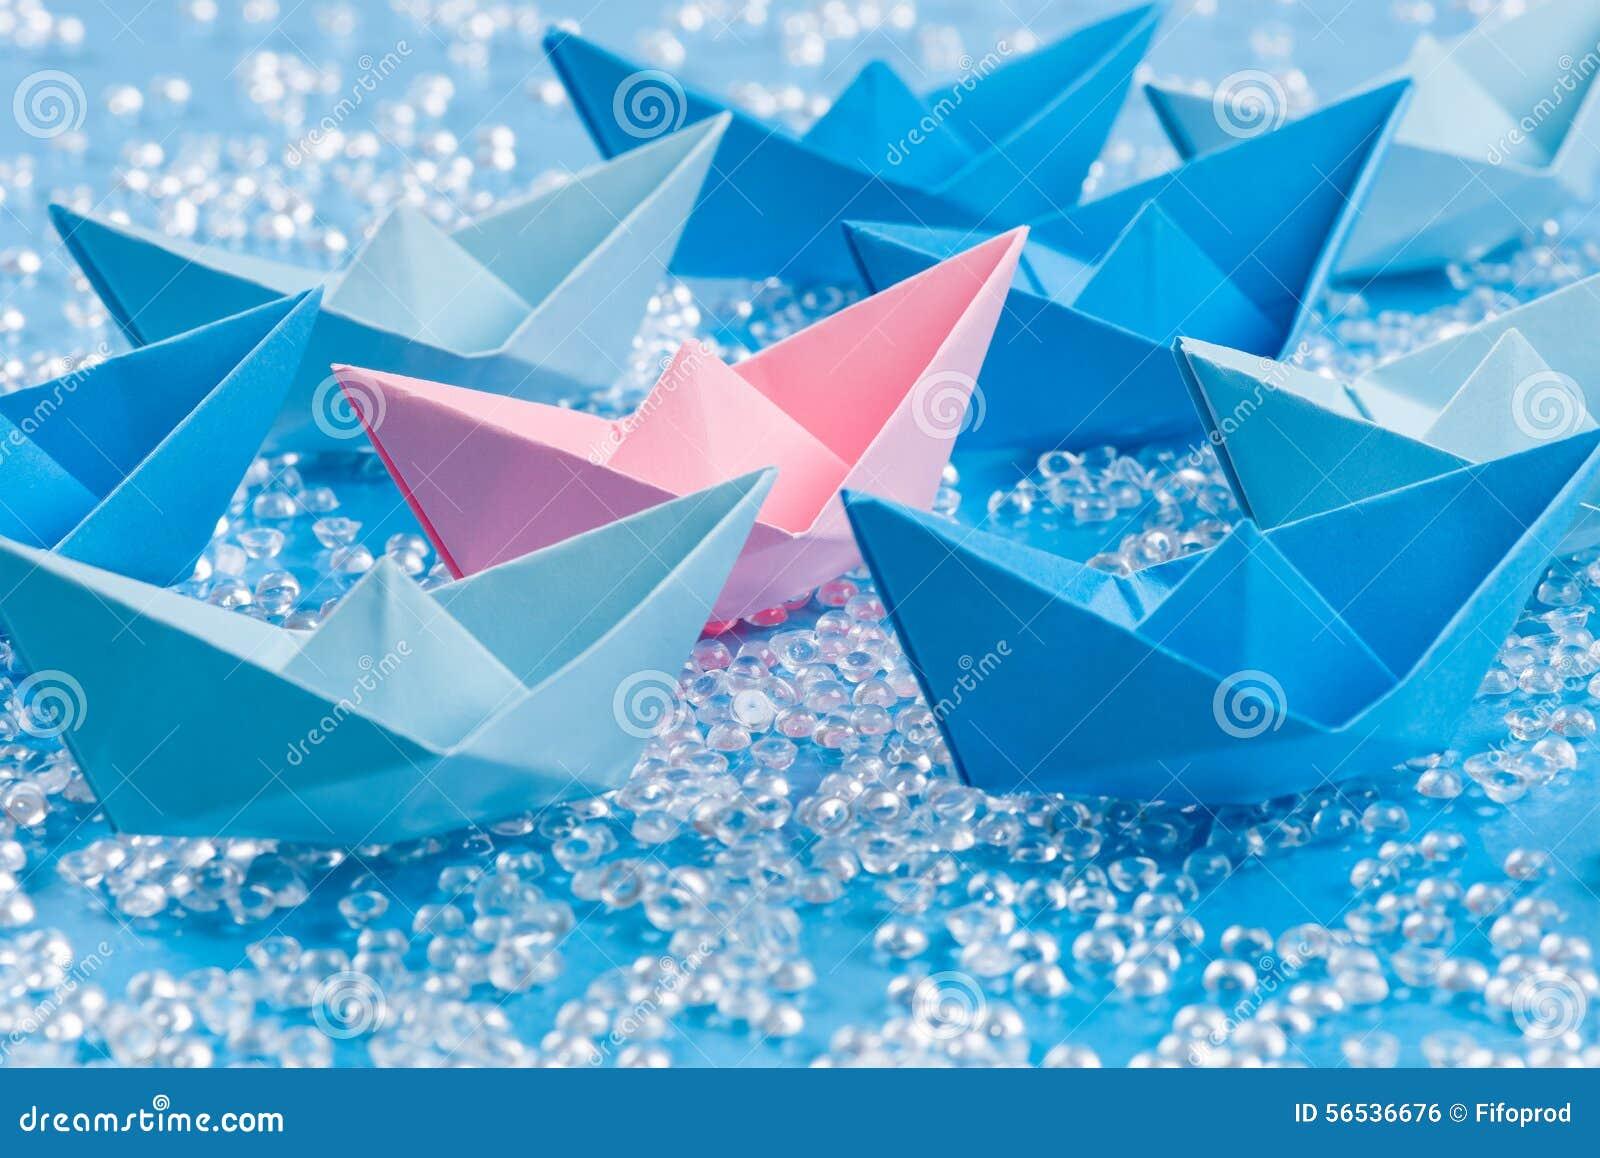 Liefdeboot: Vloot van blauwe Origamidocument schepen op blauw water zoals achtergrond die roze omringen